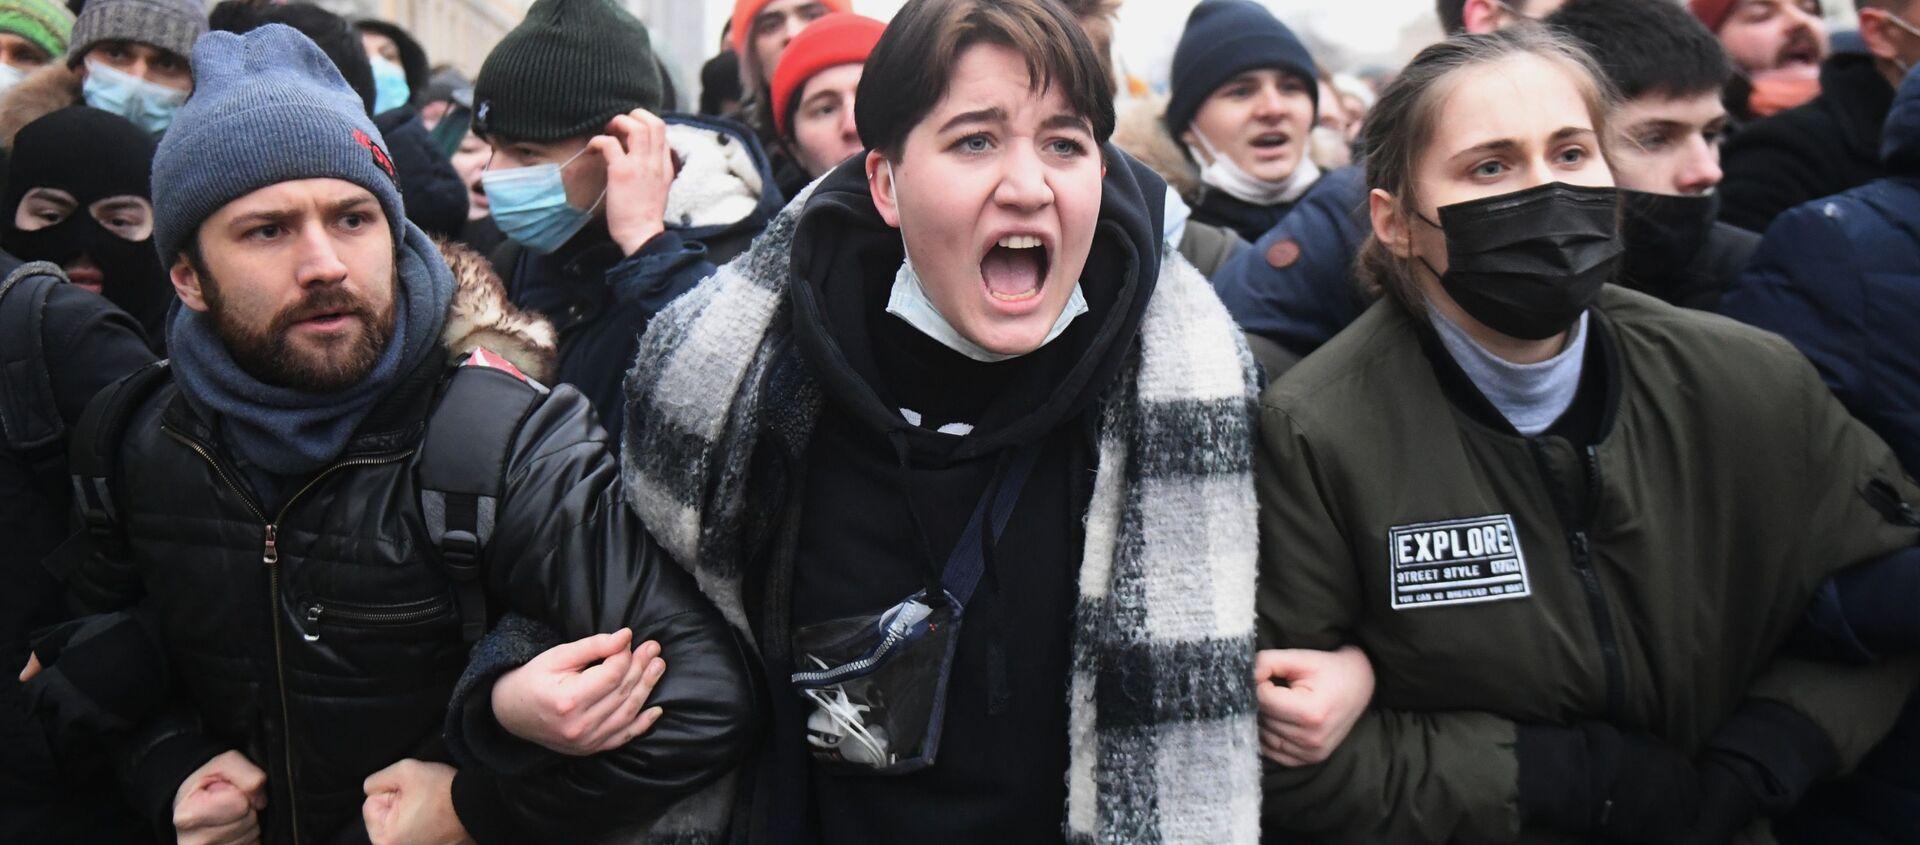 Uczestnicy nielegalnej akcji protestu w Moskwie - Sputnik Polska, 1920, 09.02.2021